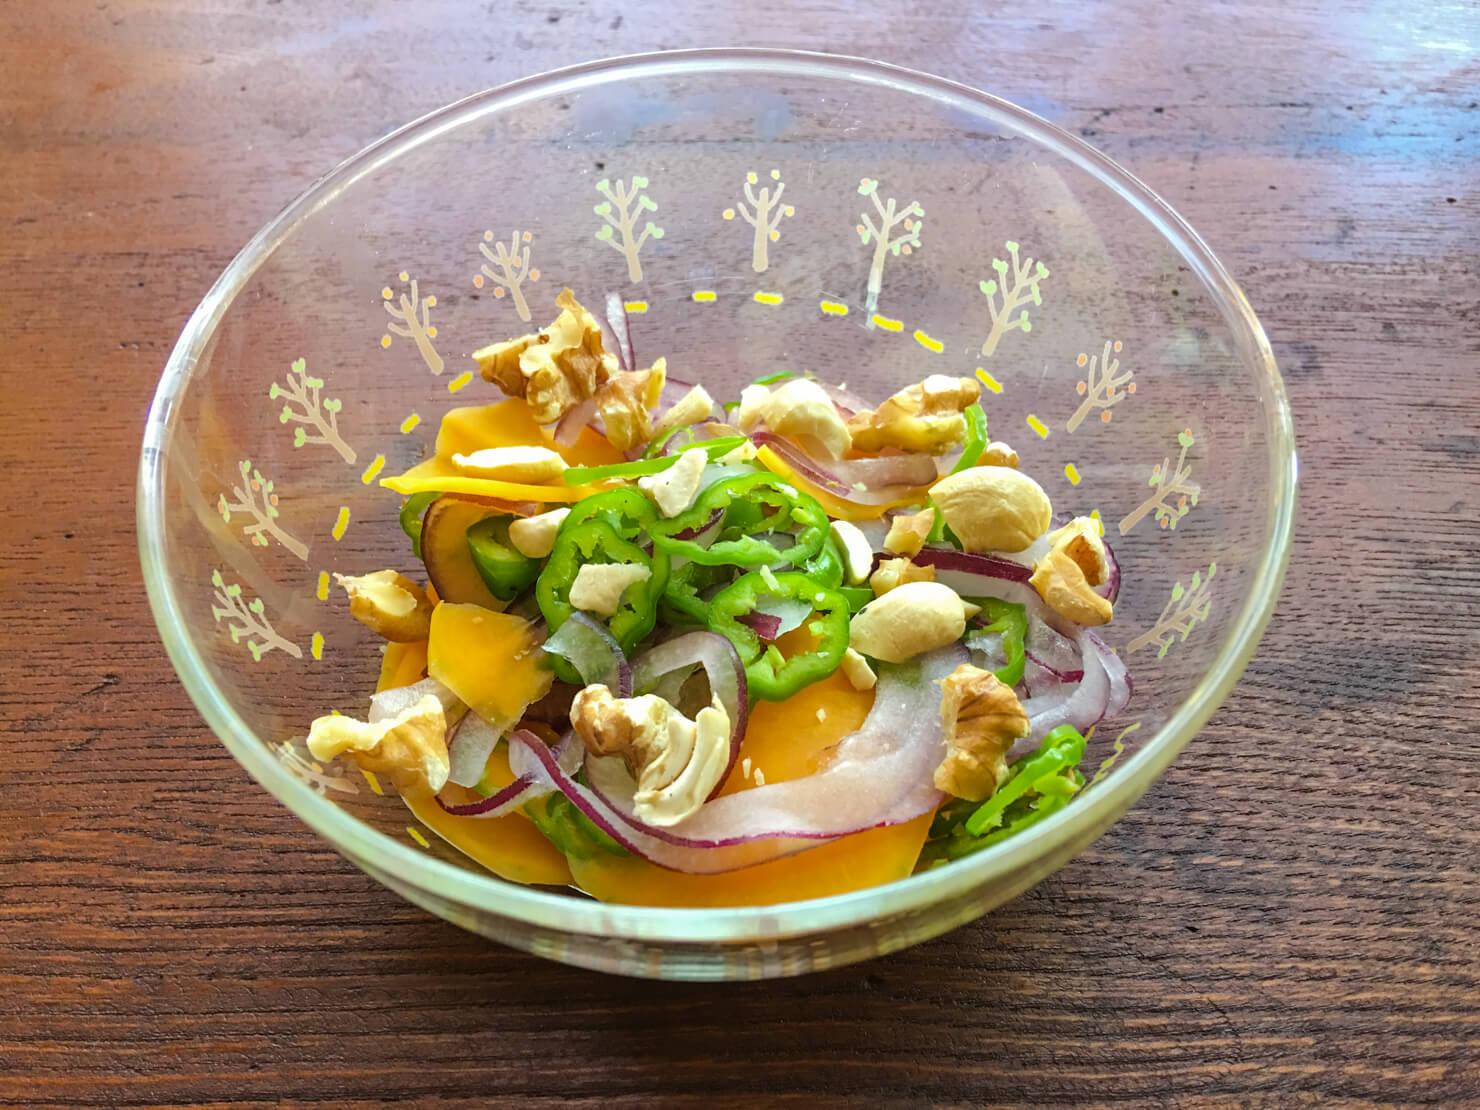 バターナッツかぼちゃのサラダの写真